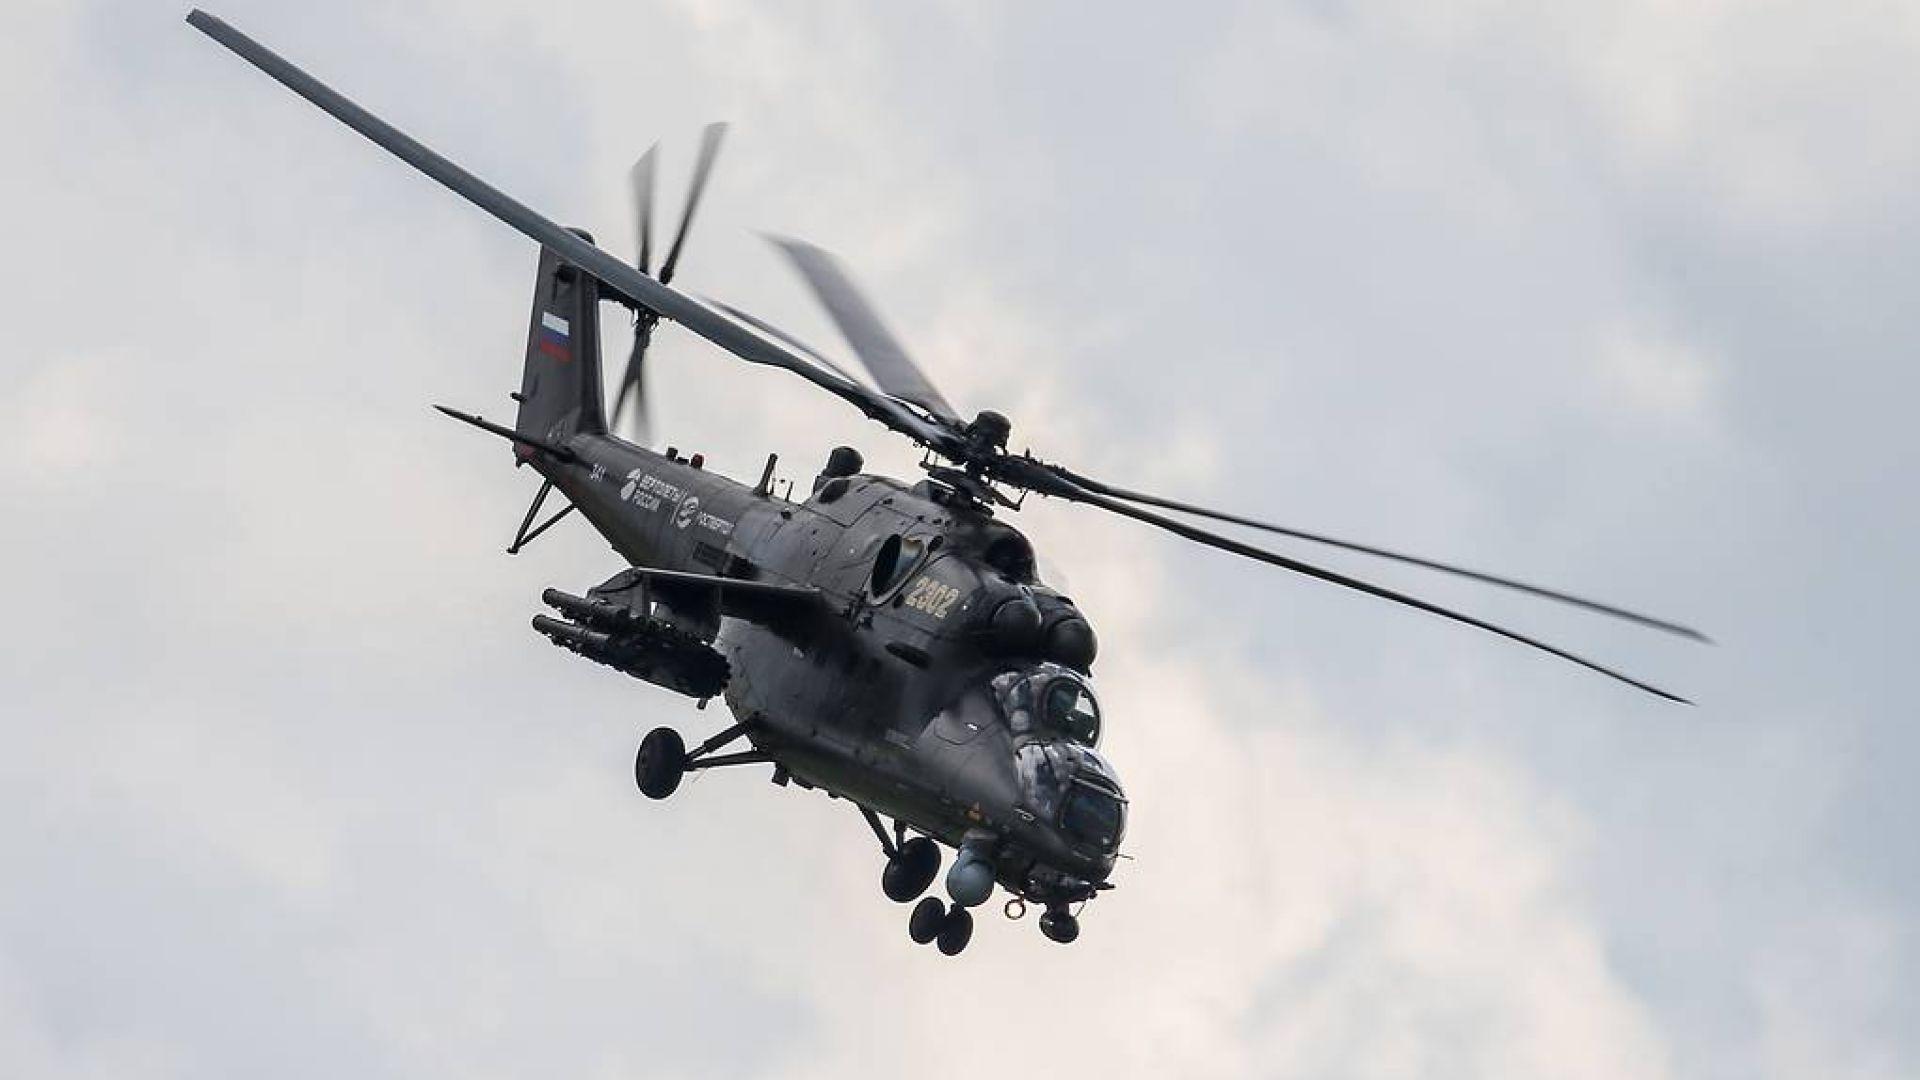 Руски хеликоптери Ми-35 и Ми-17 пристигат в Сърбия до края на годината